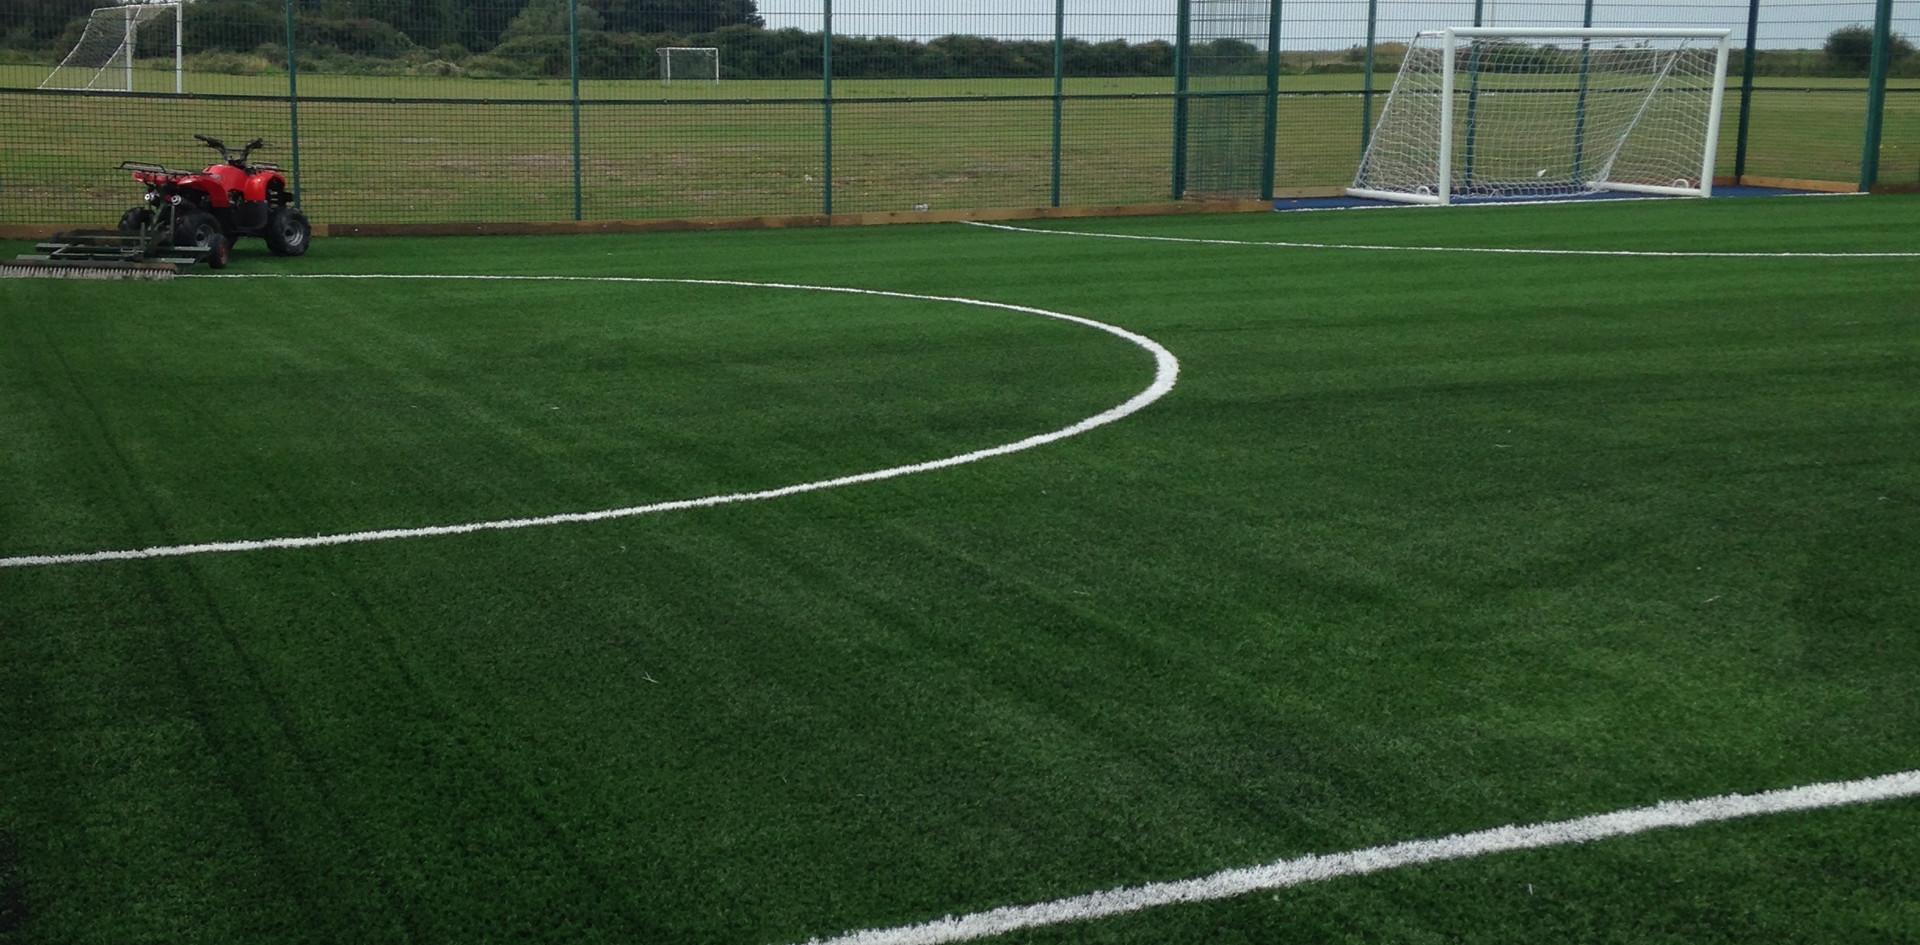 3G artificial grass 06.JPG